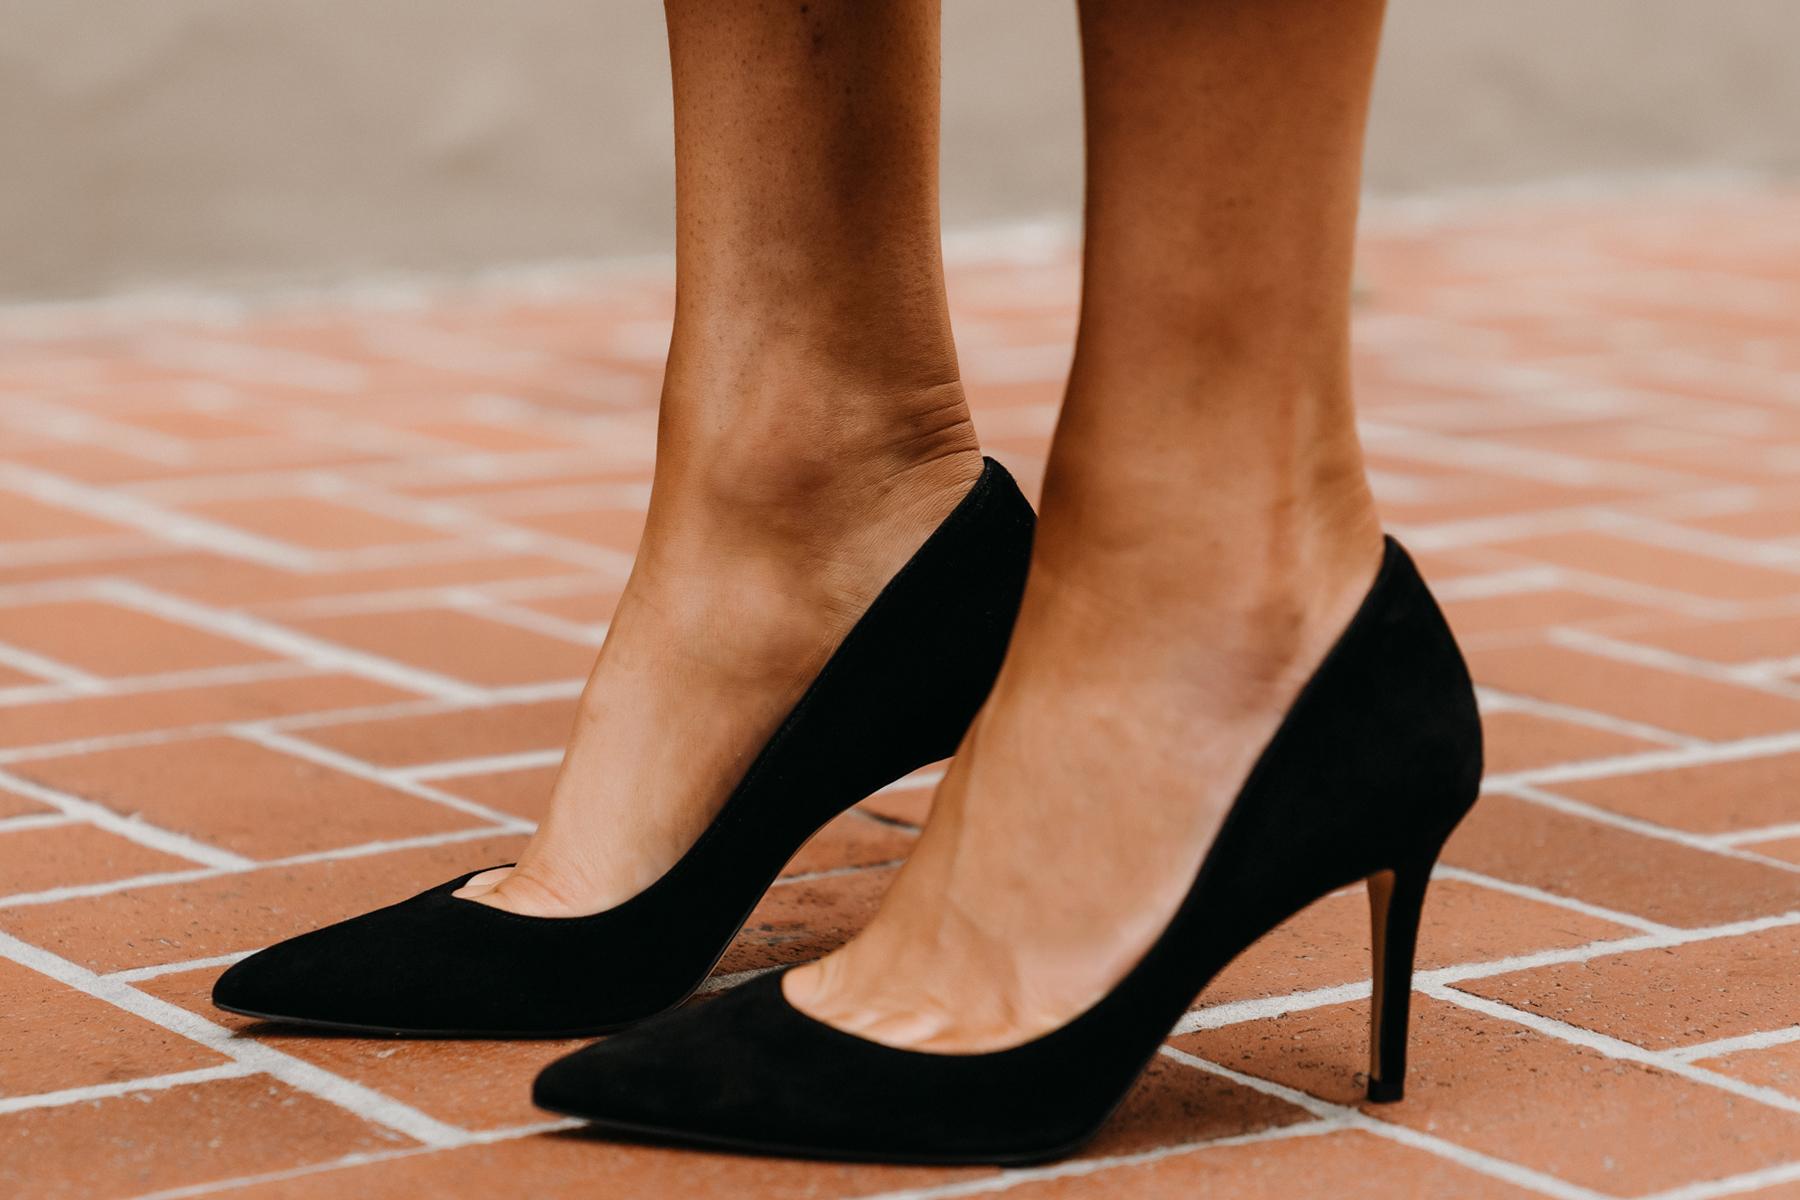 Fashion Jackson Wearing Ann Taylor Black Mila Pumps